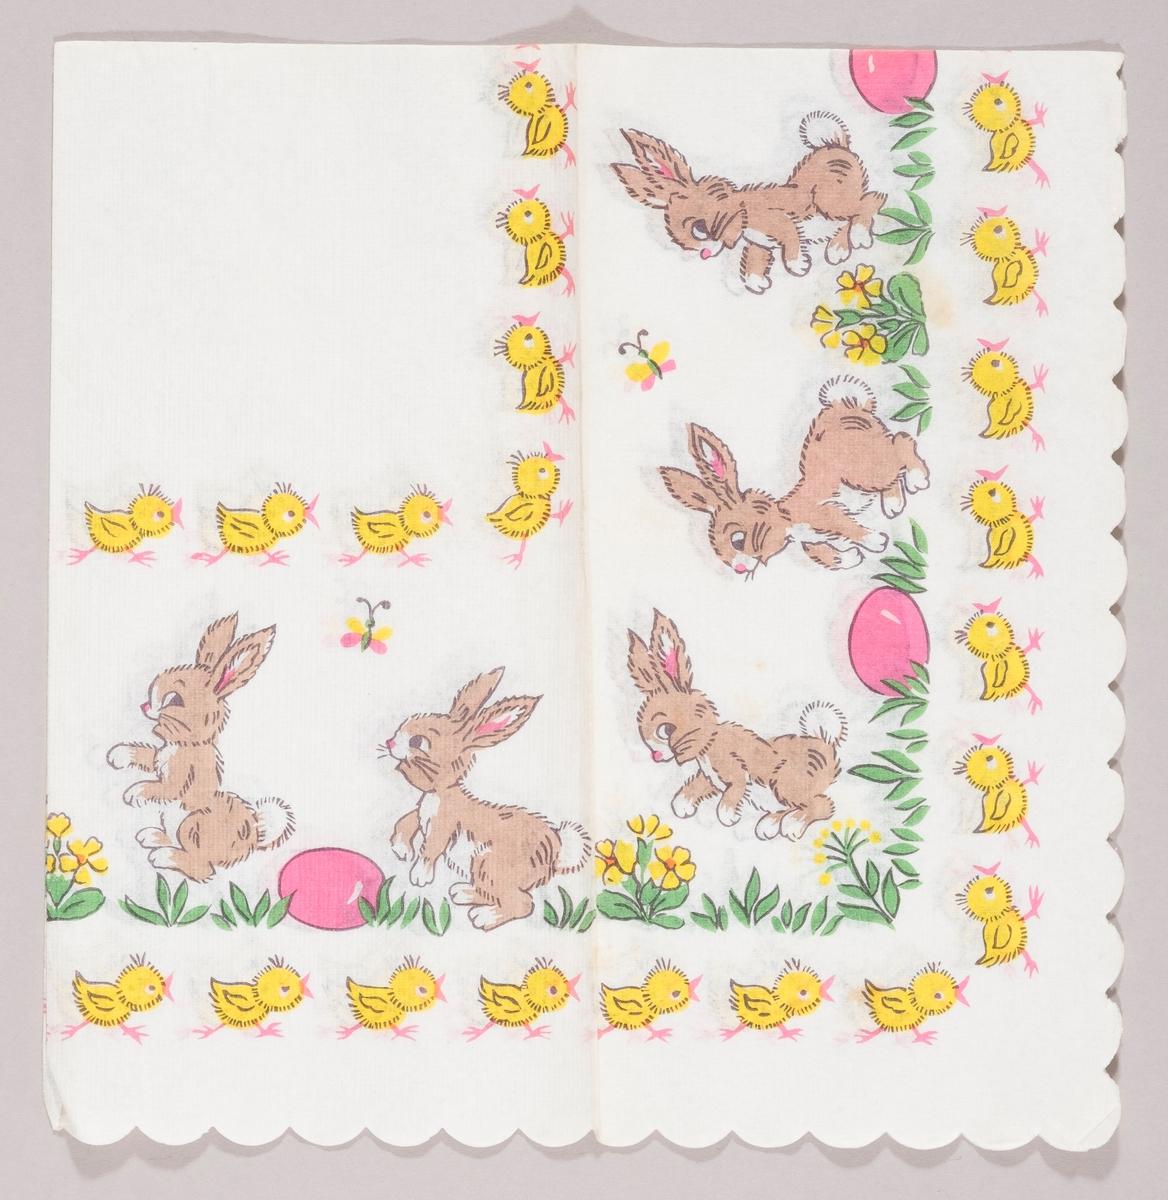 Flere påskeharer hopper rundt mellom rosa påskeegg og gule blomster. Sommerfugler flyver.  Mange små kyllinger løper etter hverandre.